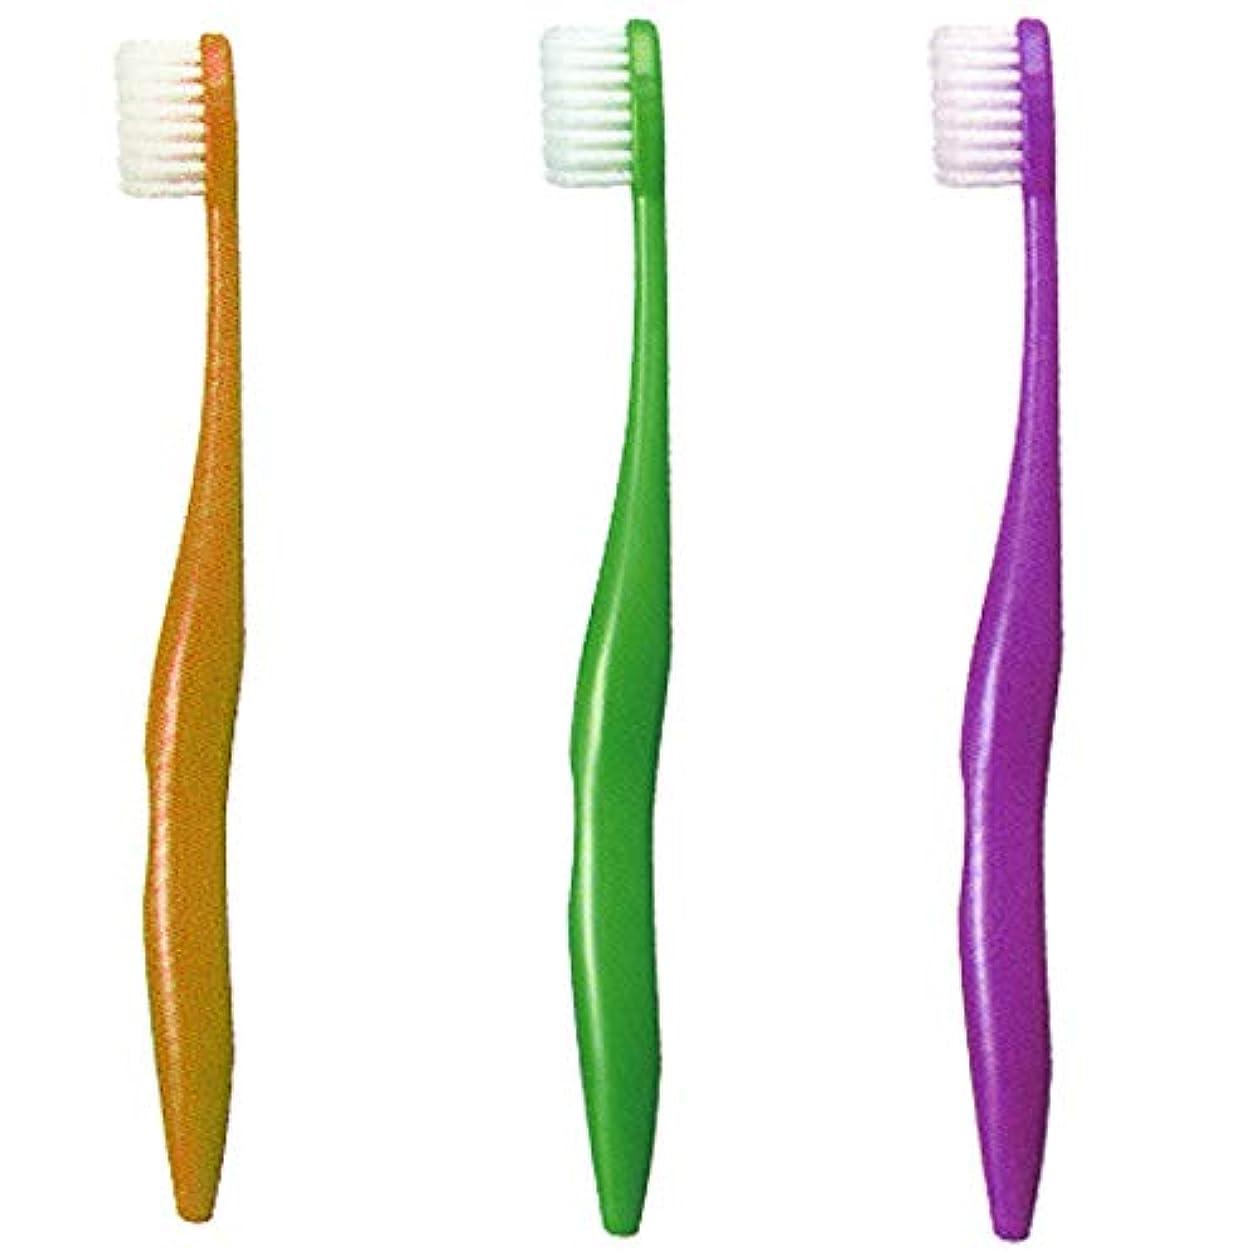 過言発掘遊びます日本製 歯ブラシ ライカブル ミニ 5本【ライカブル】